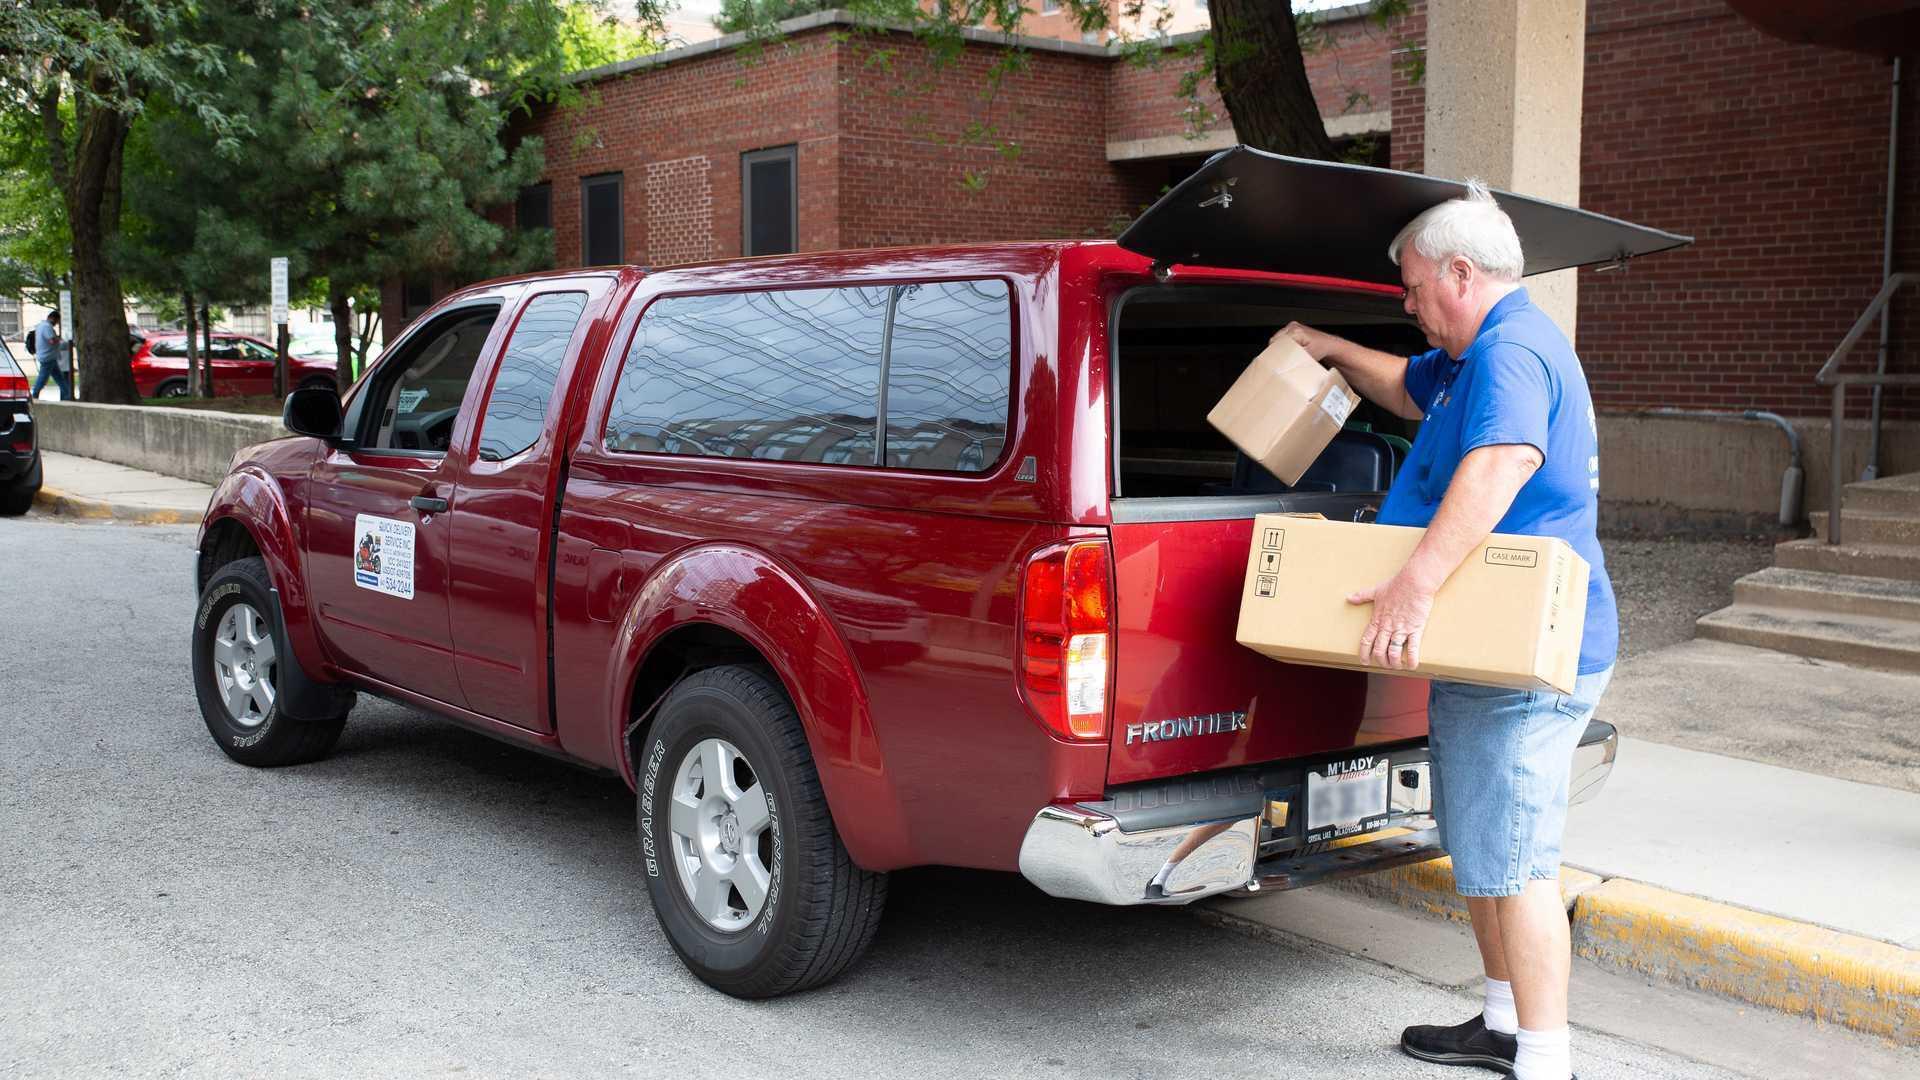 Брайан Мерфи сумел накатать на Nissan Frontier 1 600 000 км во время работы курьером.